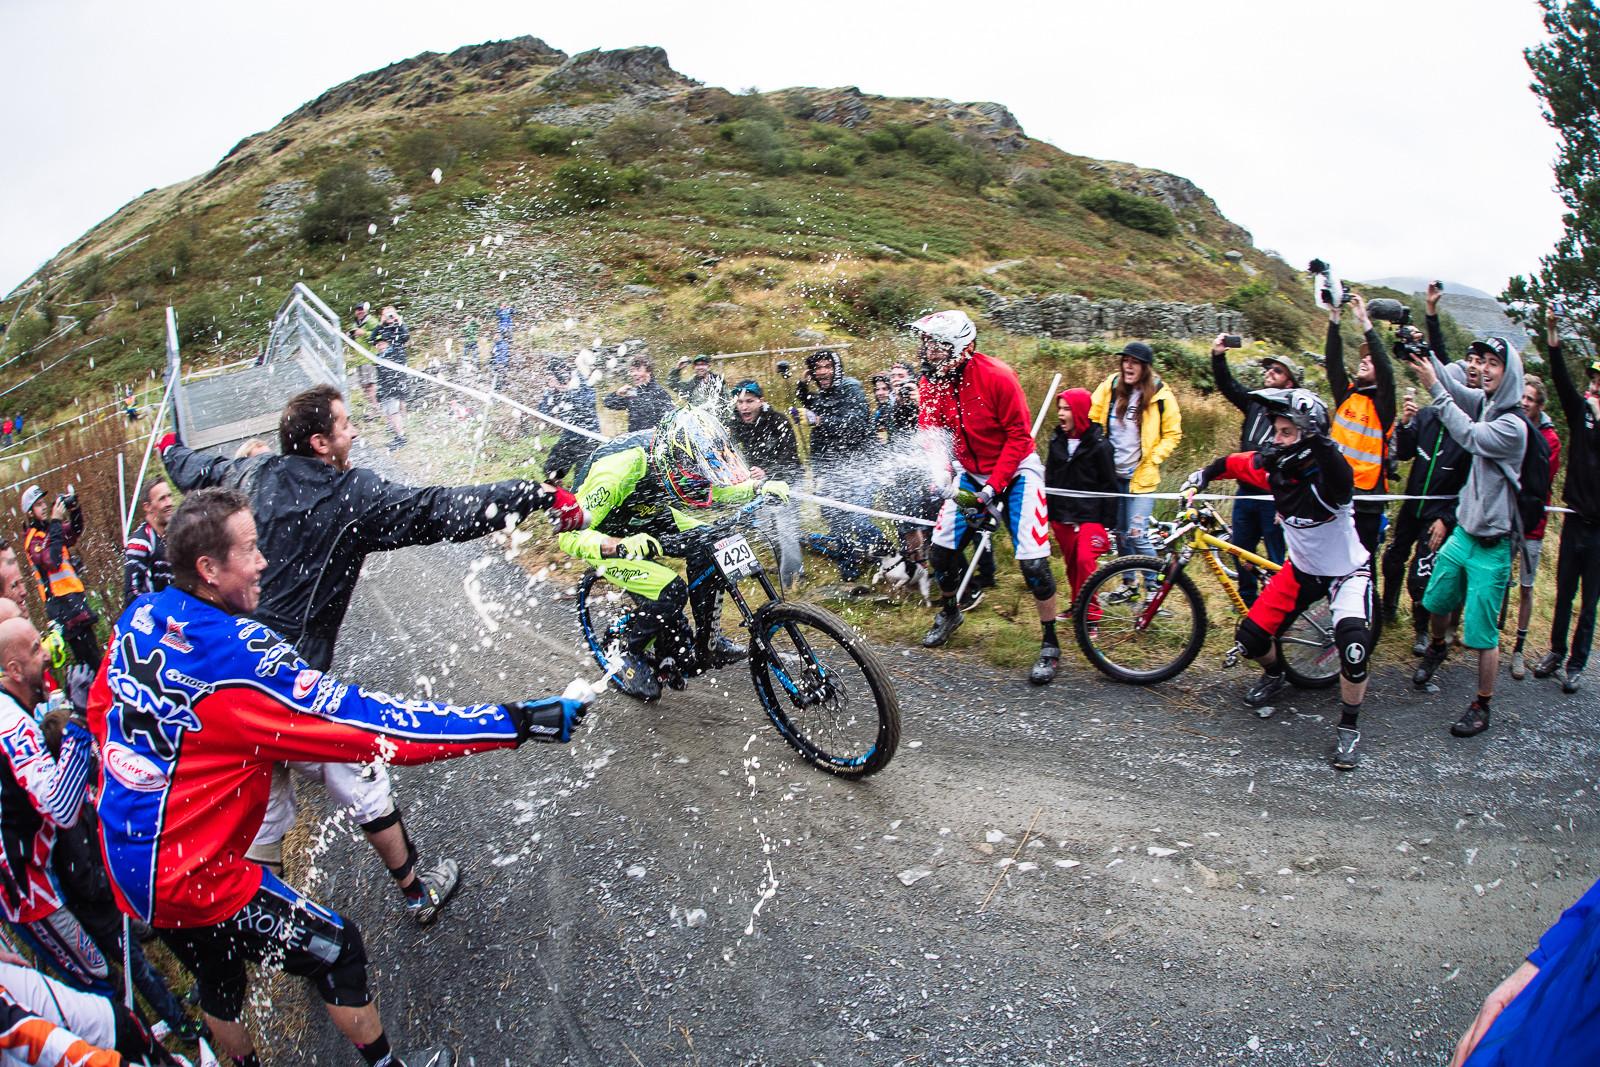 Rob Warner, 2015 British Downhill Series Finals, Antur Stiniog - 2015 British Downhill Series Finals - Mountain Biking Pictures - Vital MTB